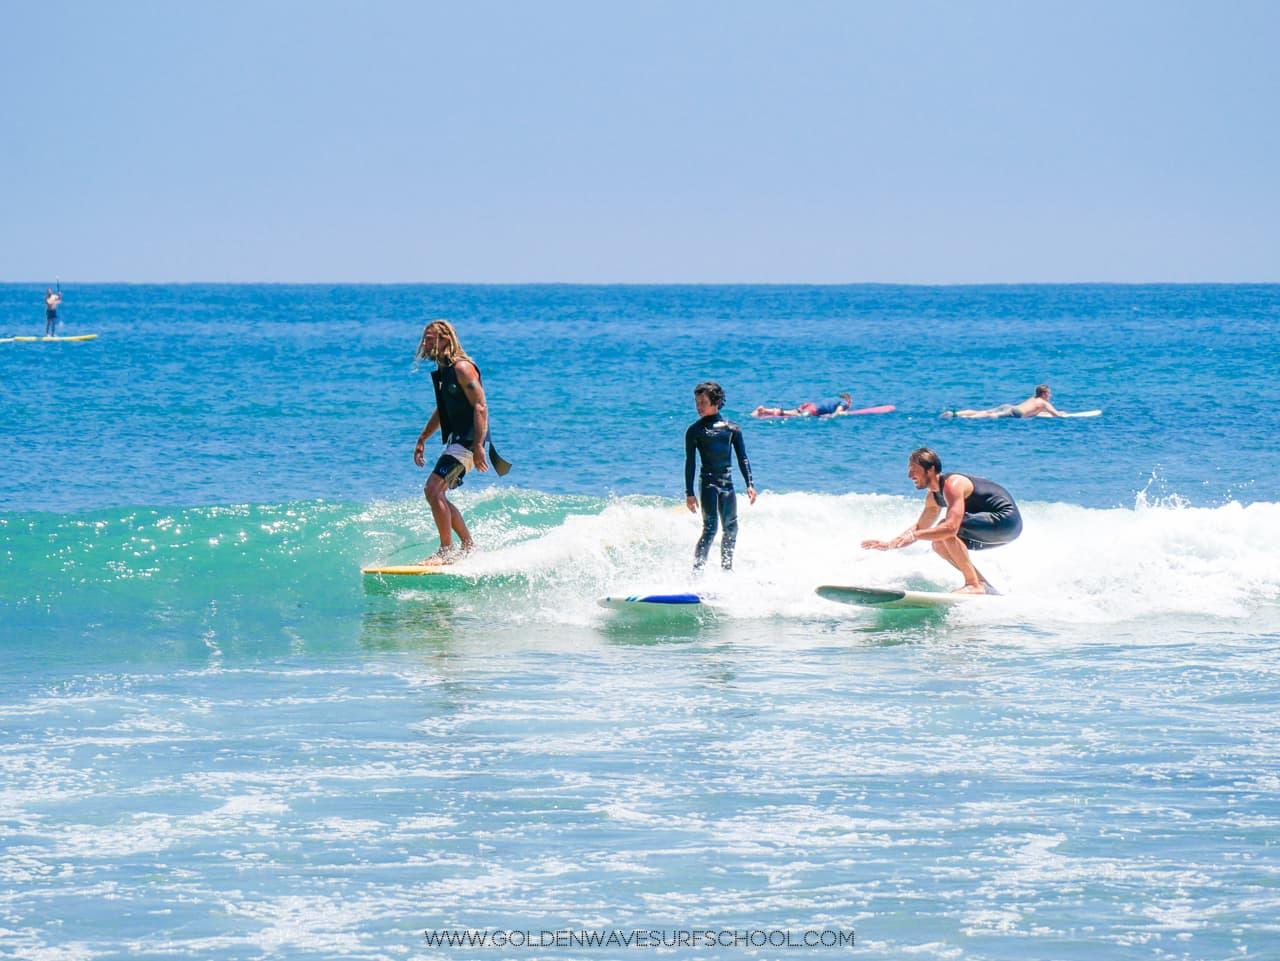 серф этикет, правила серфинга, серфинг этикет